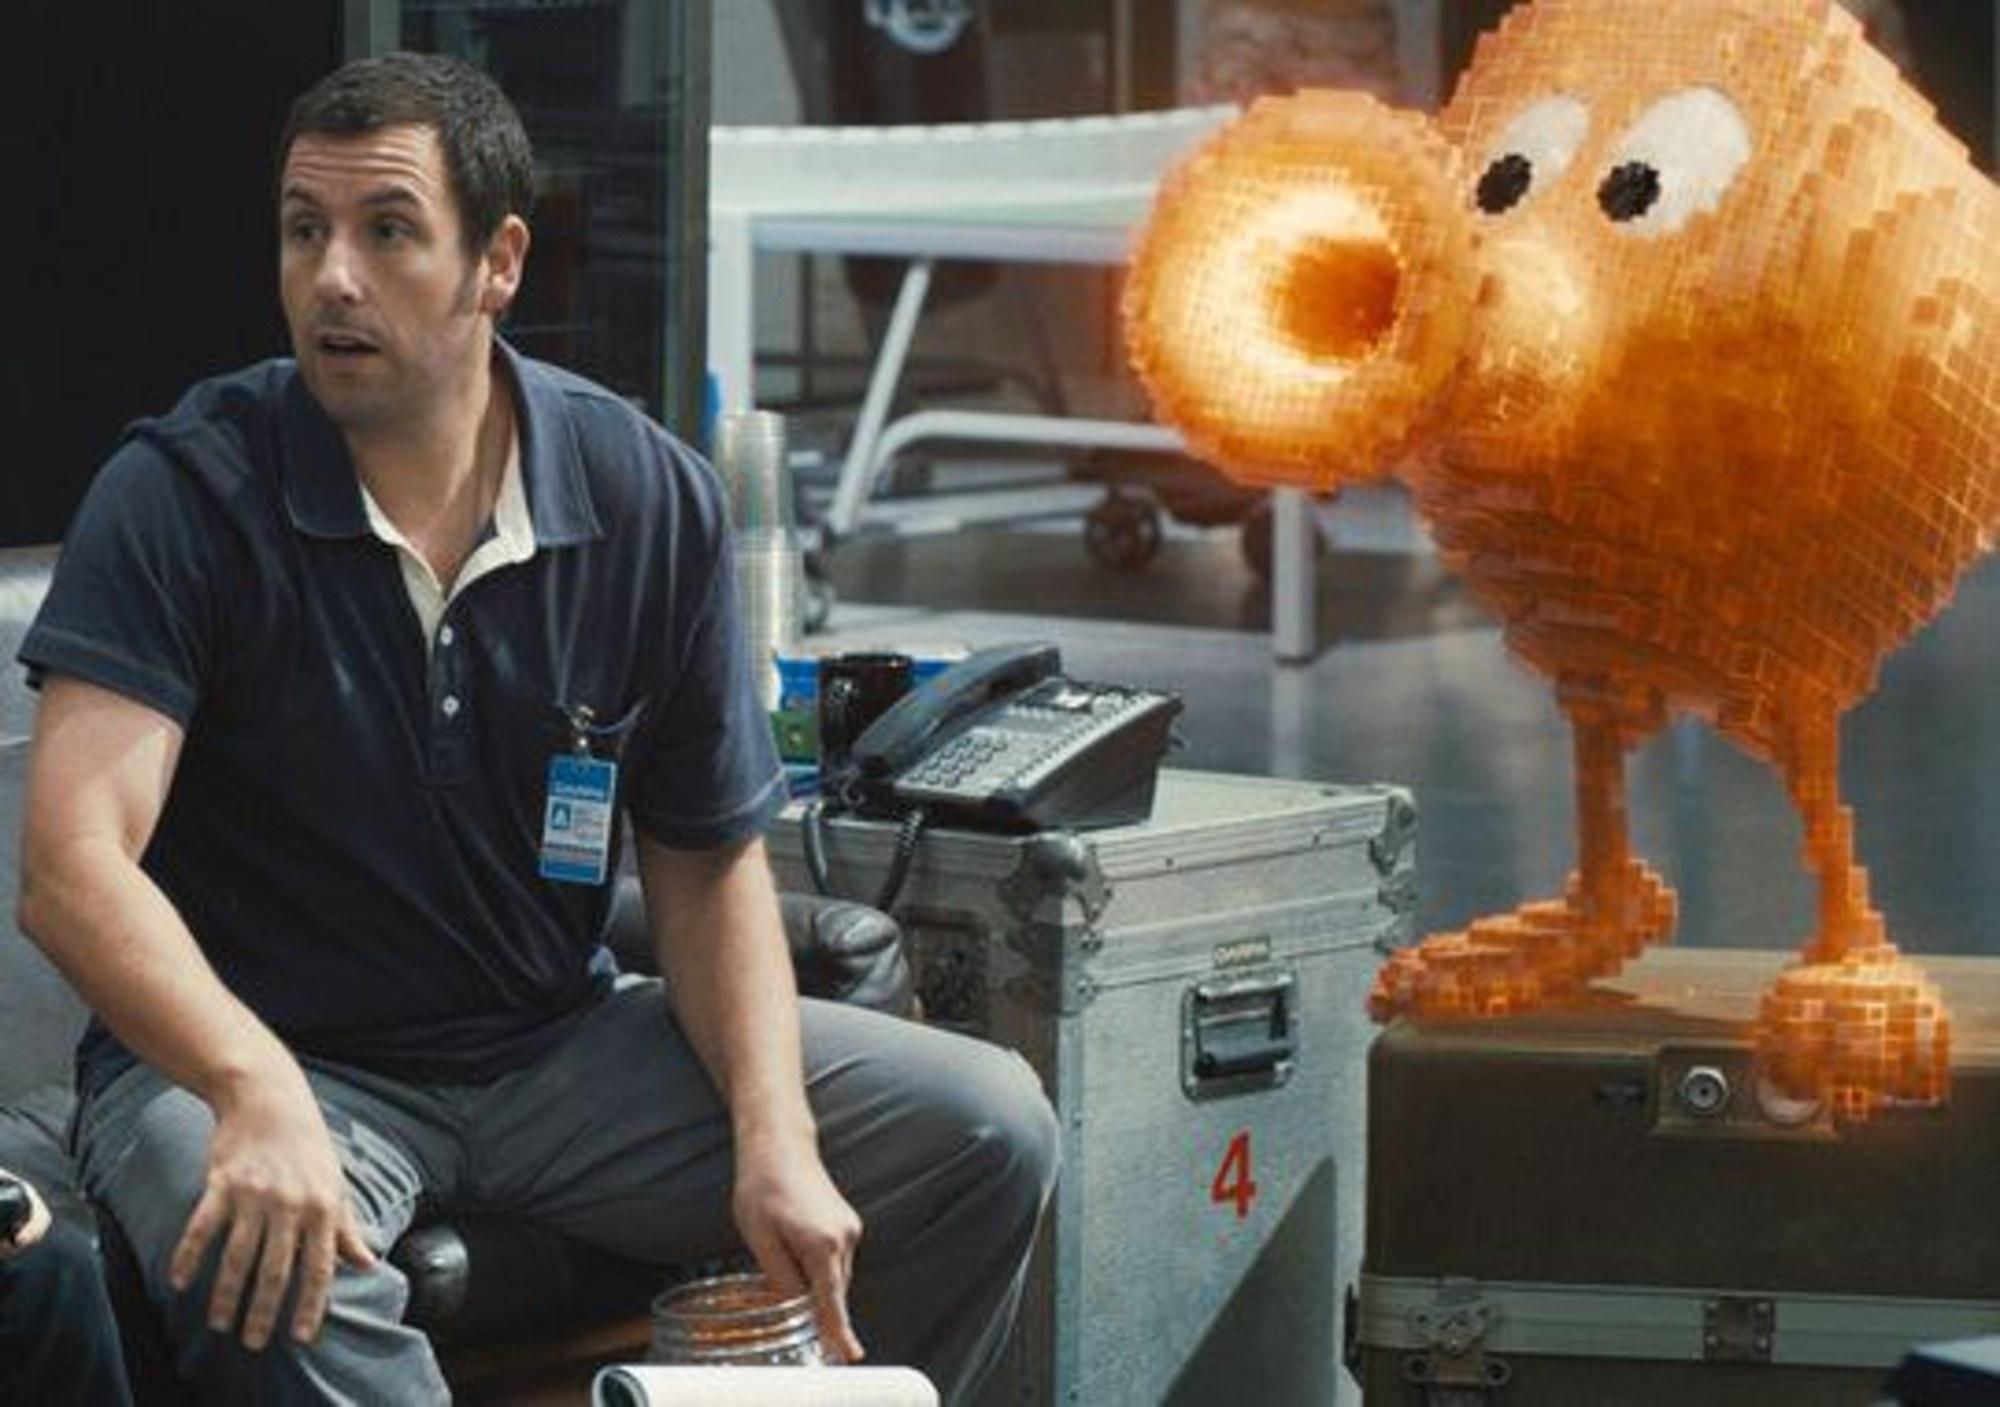 Комедии с Адамом Сэндлером: список лучших и самых смешных фильмов с участием актера